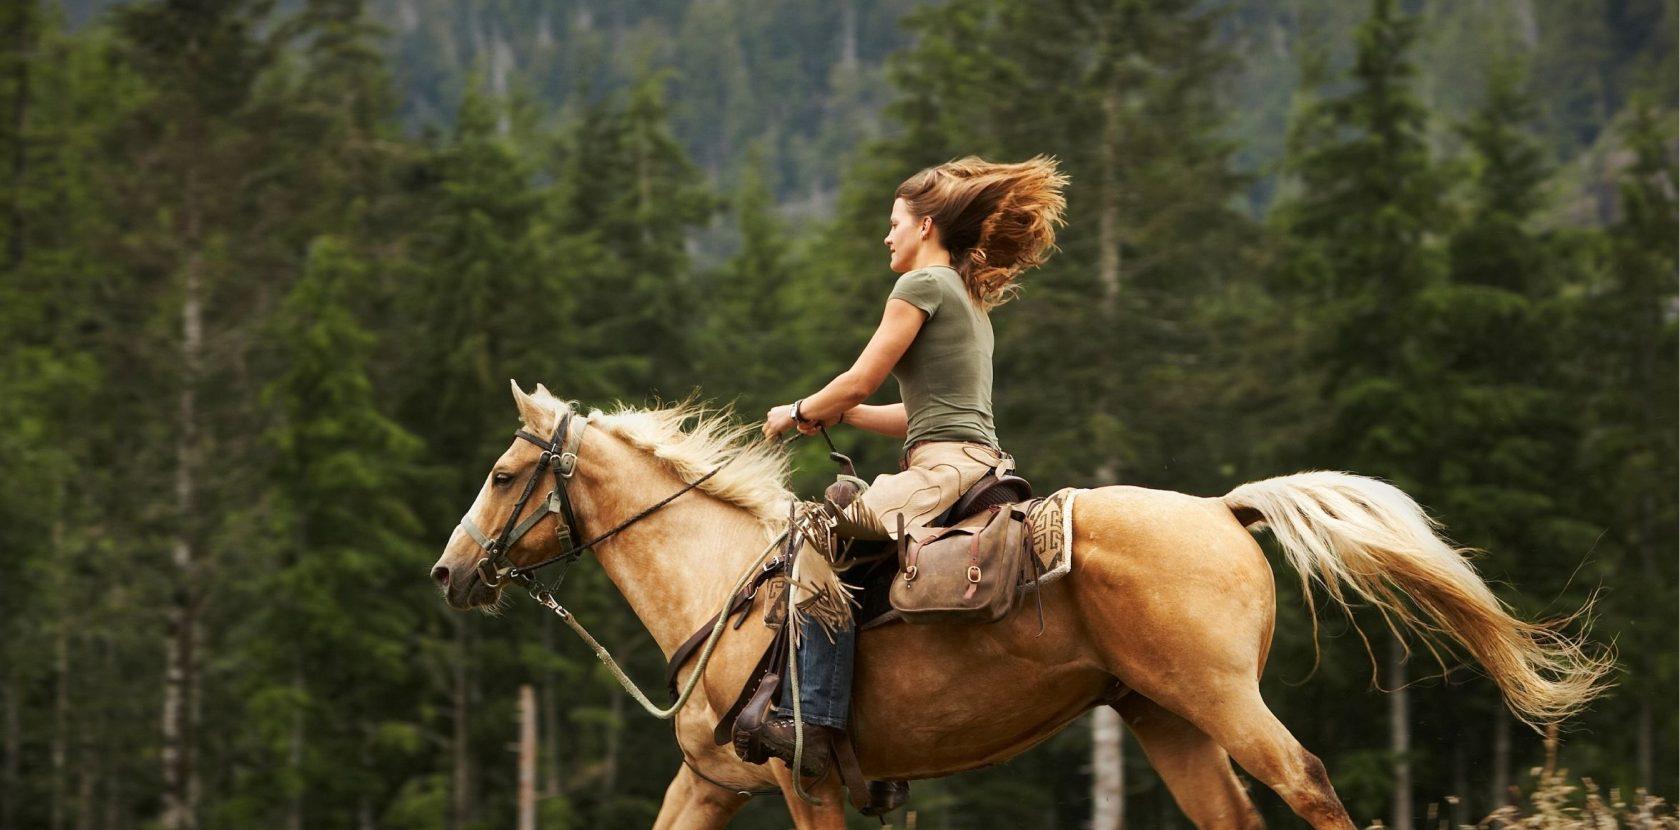 Equitazione benefici: Quanto fa bene andare a cavallo?